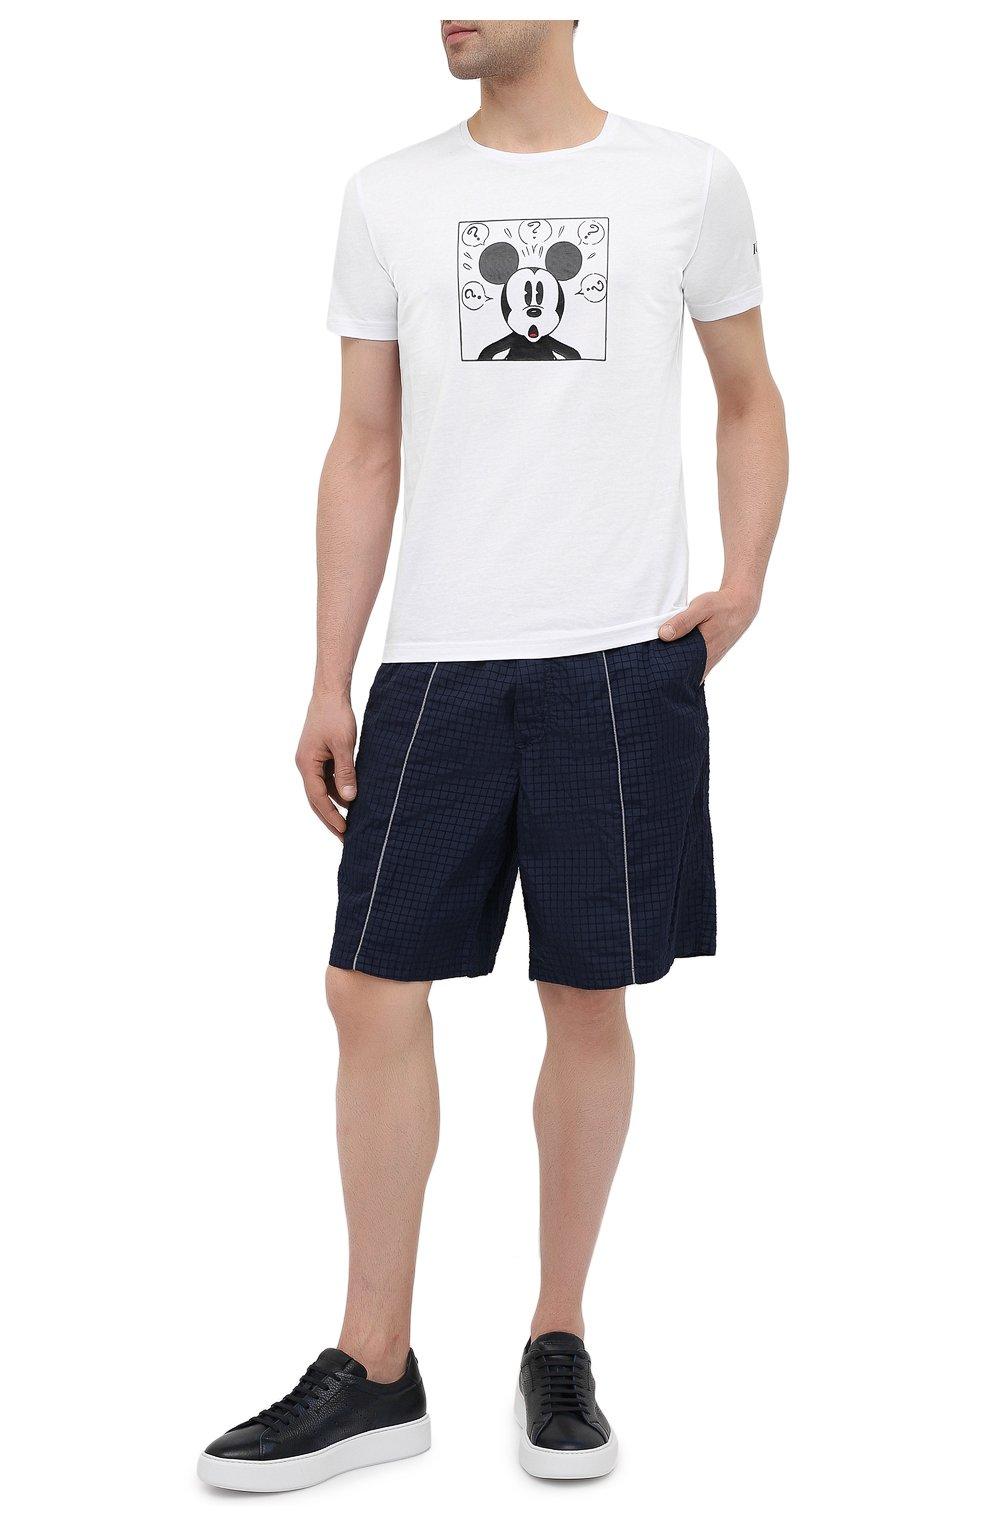 Мужские шорты ICEBERG синего цвета, арт. 21E I1P0/D060/5145   Фото 2 (Мужское Кросс-КТ: Шорты-одежда; Длина Шорты М: До колена; Принт: Без принта; Материал внешний: Синтетический материал; Стили: Спорт-шик)